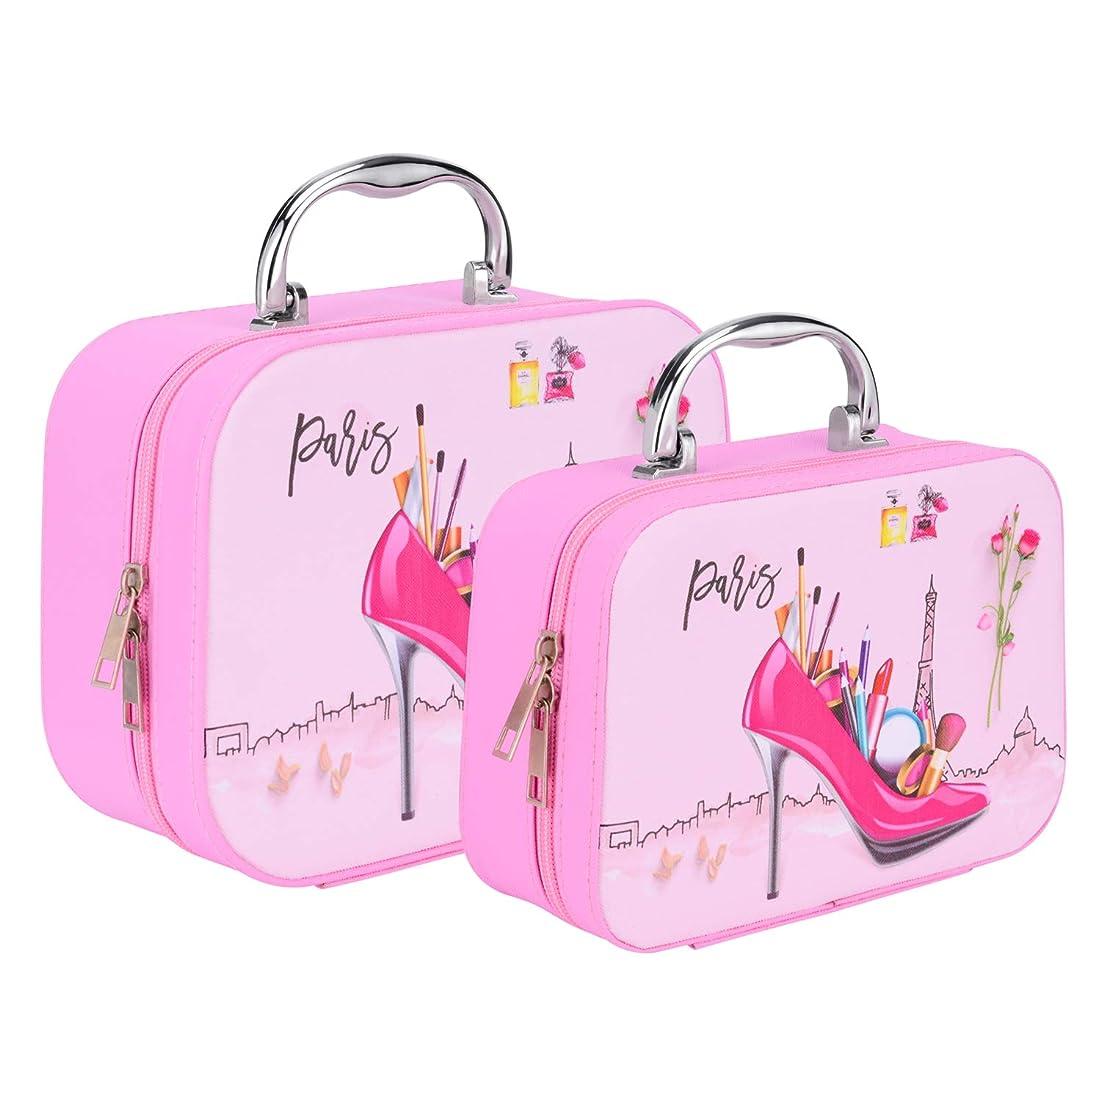 Alliswellセットの2ポータブル化粧トレインケース化粧バッグ化粧品オーガナイザーケース内蔵ミラー、すべての化粧品に合わせてバッグオーガナイザートレインケース用女性ピンク